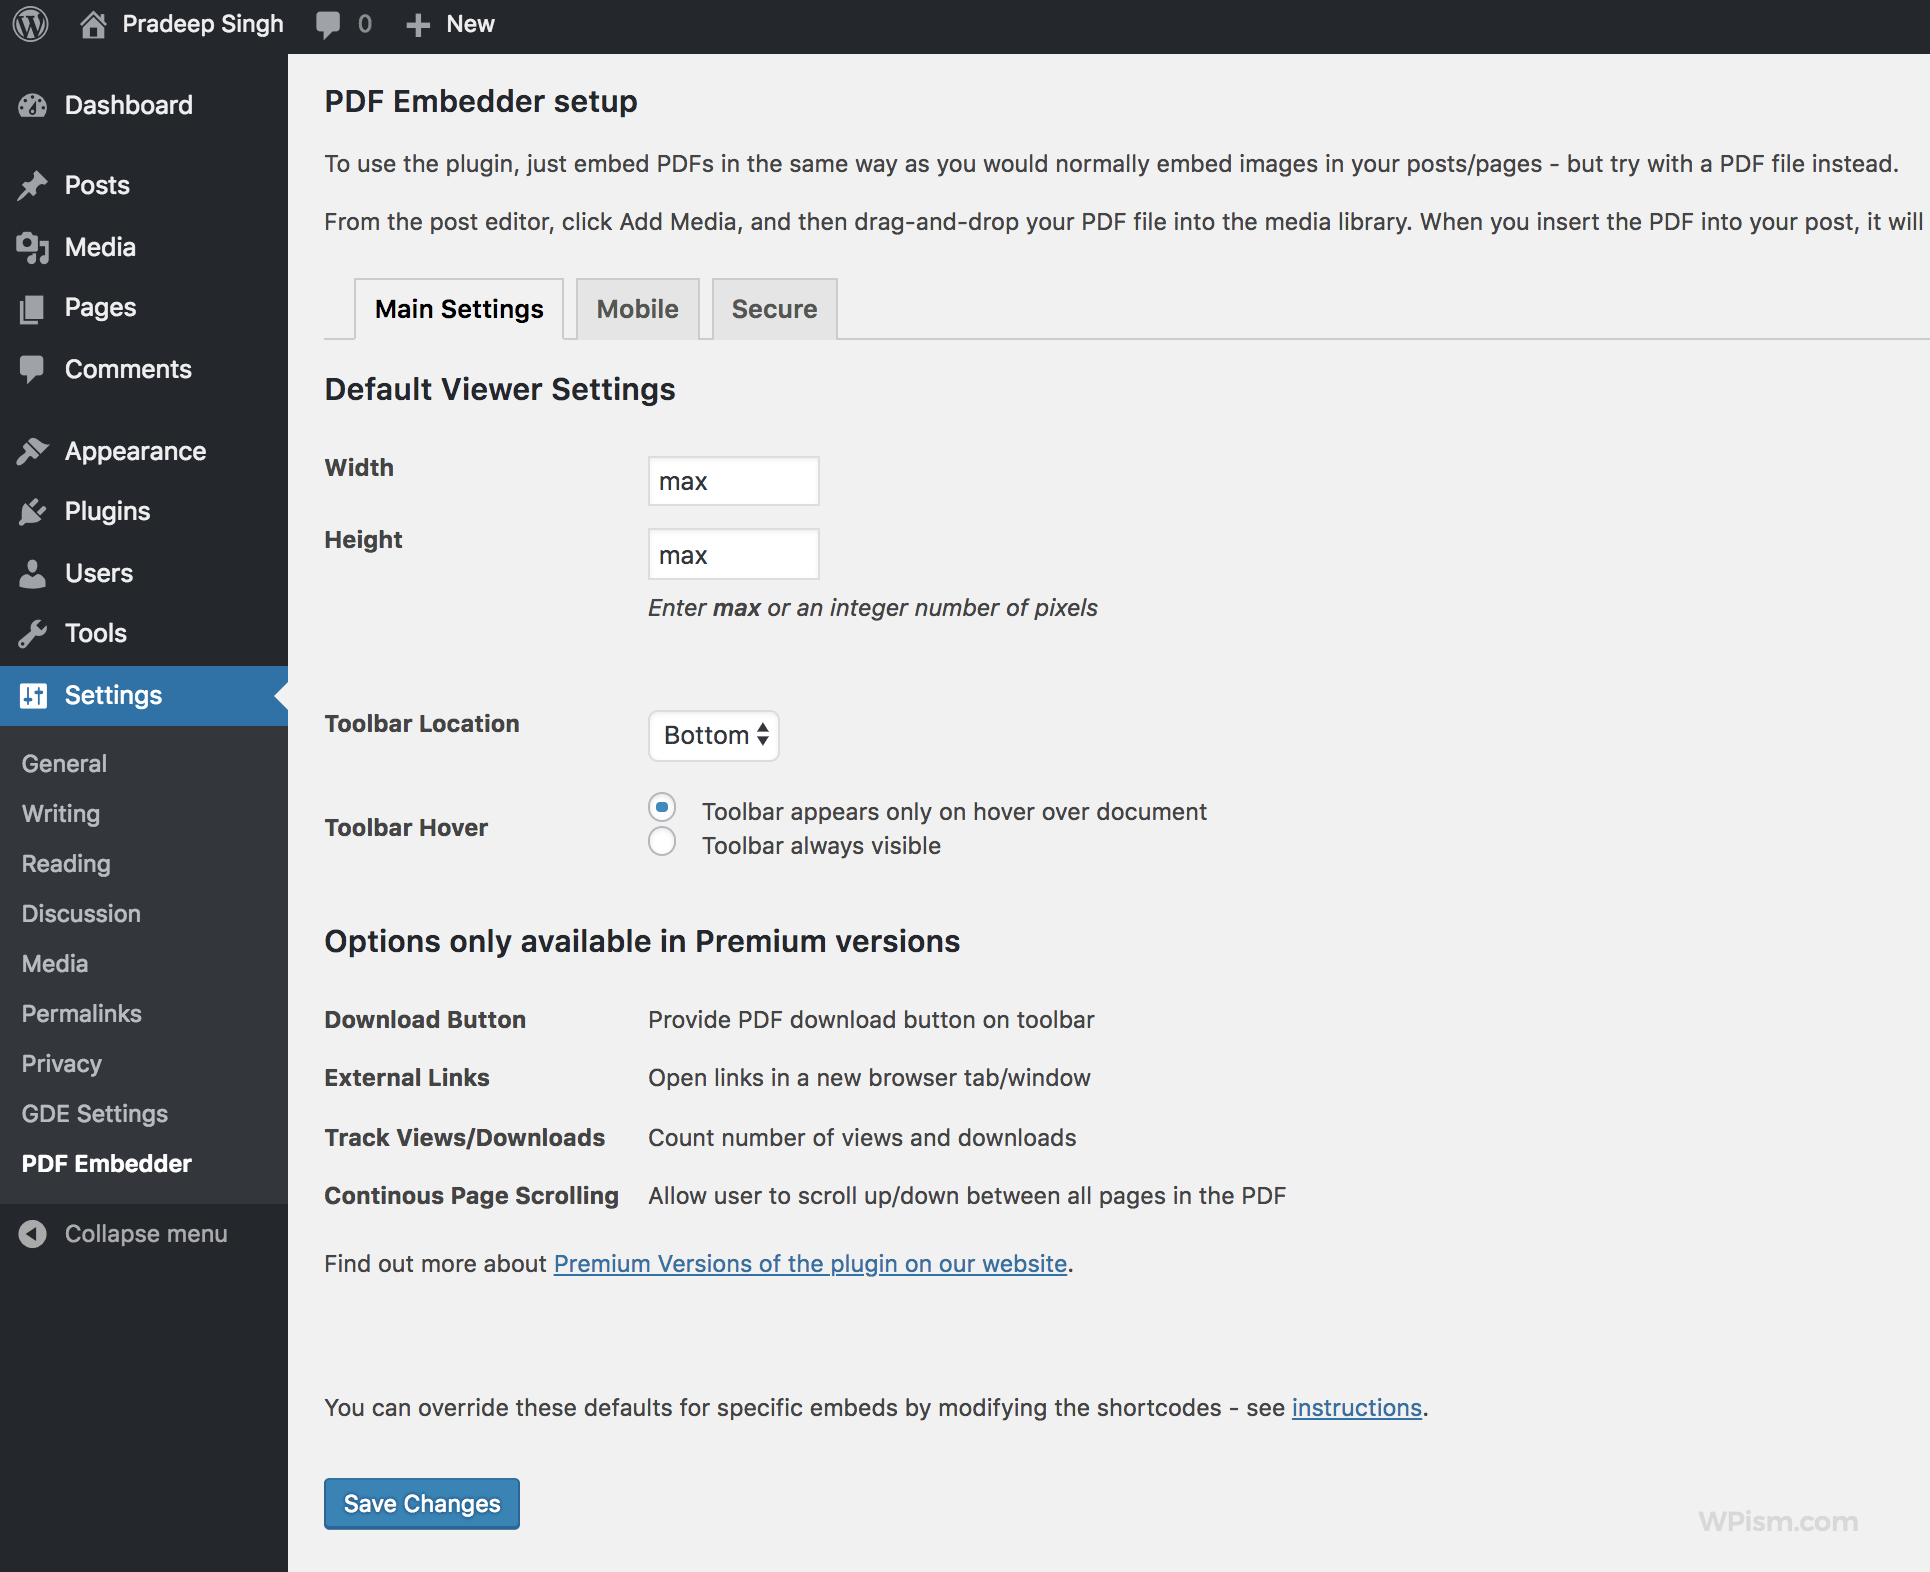 PDF Embedder setup options